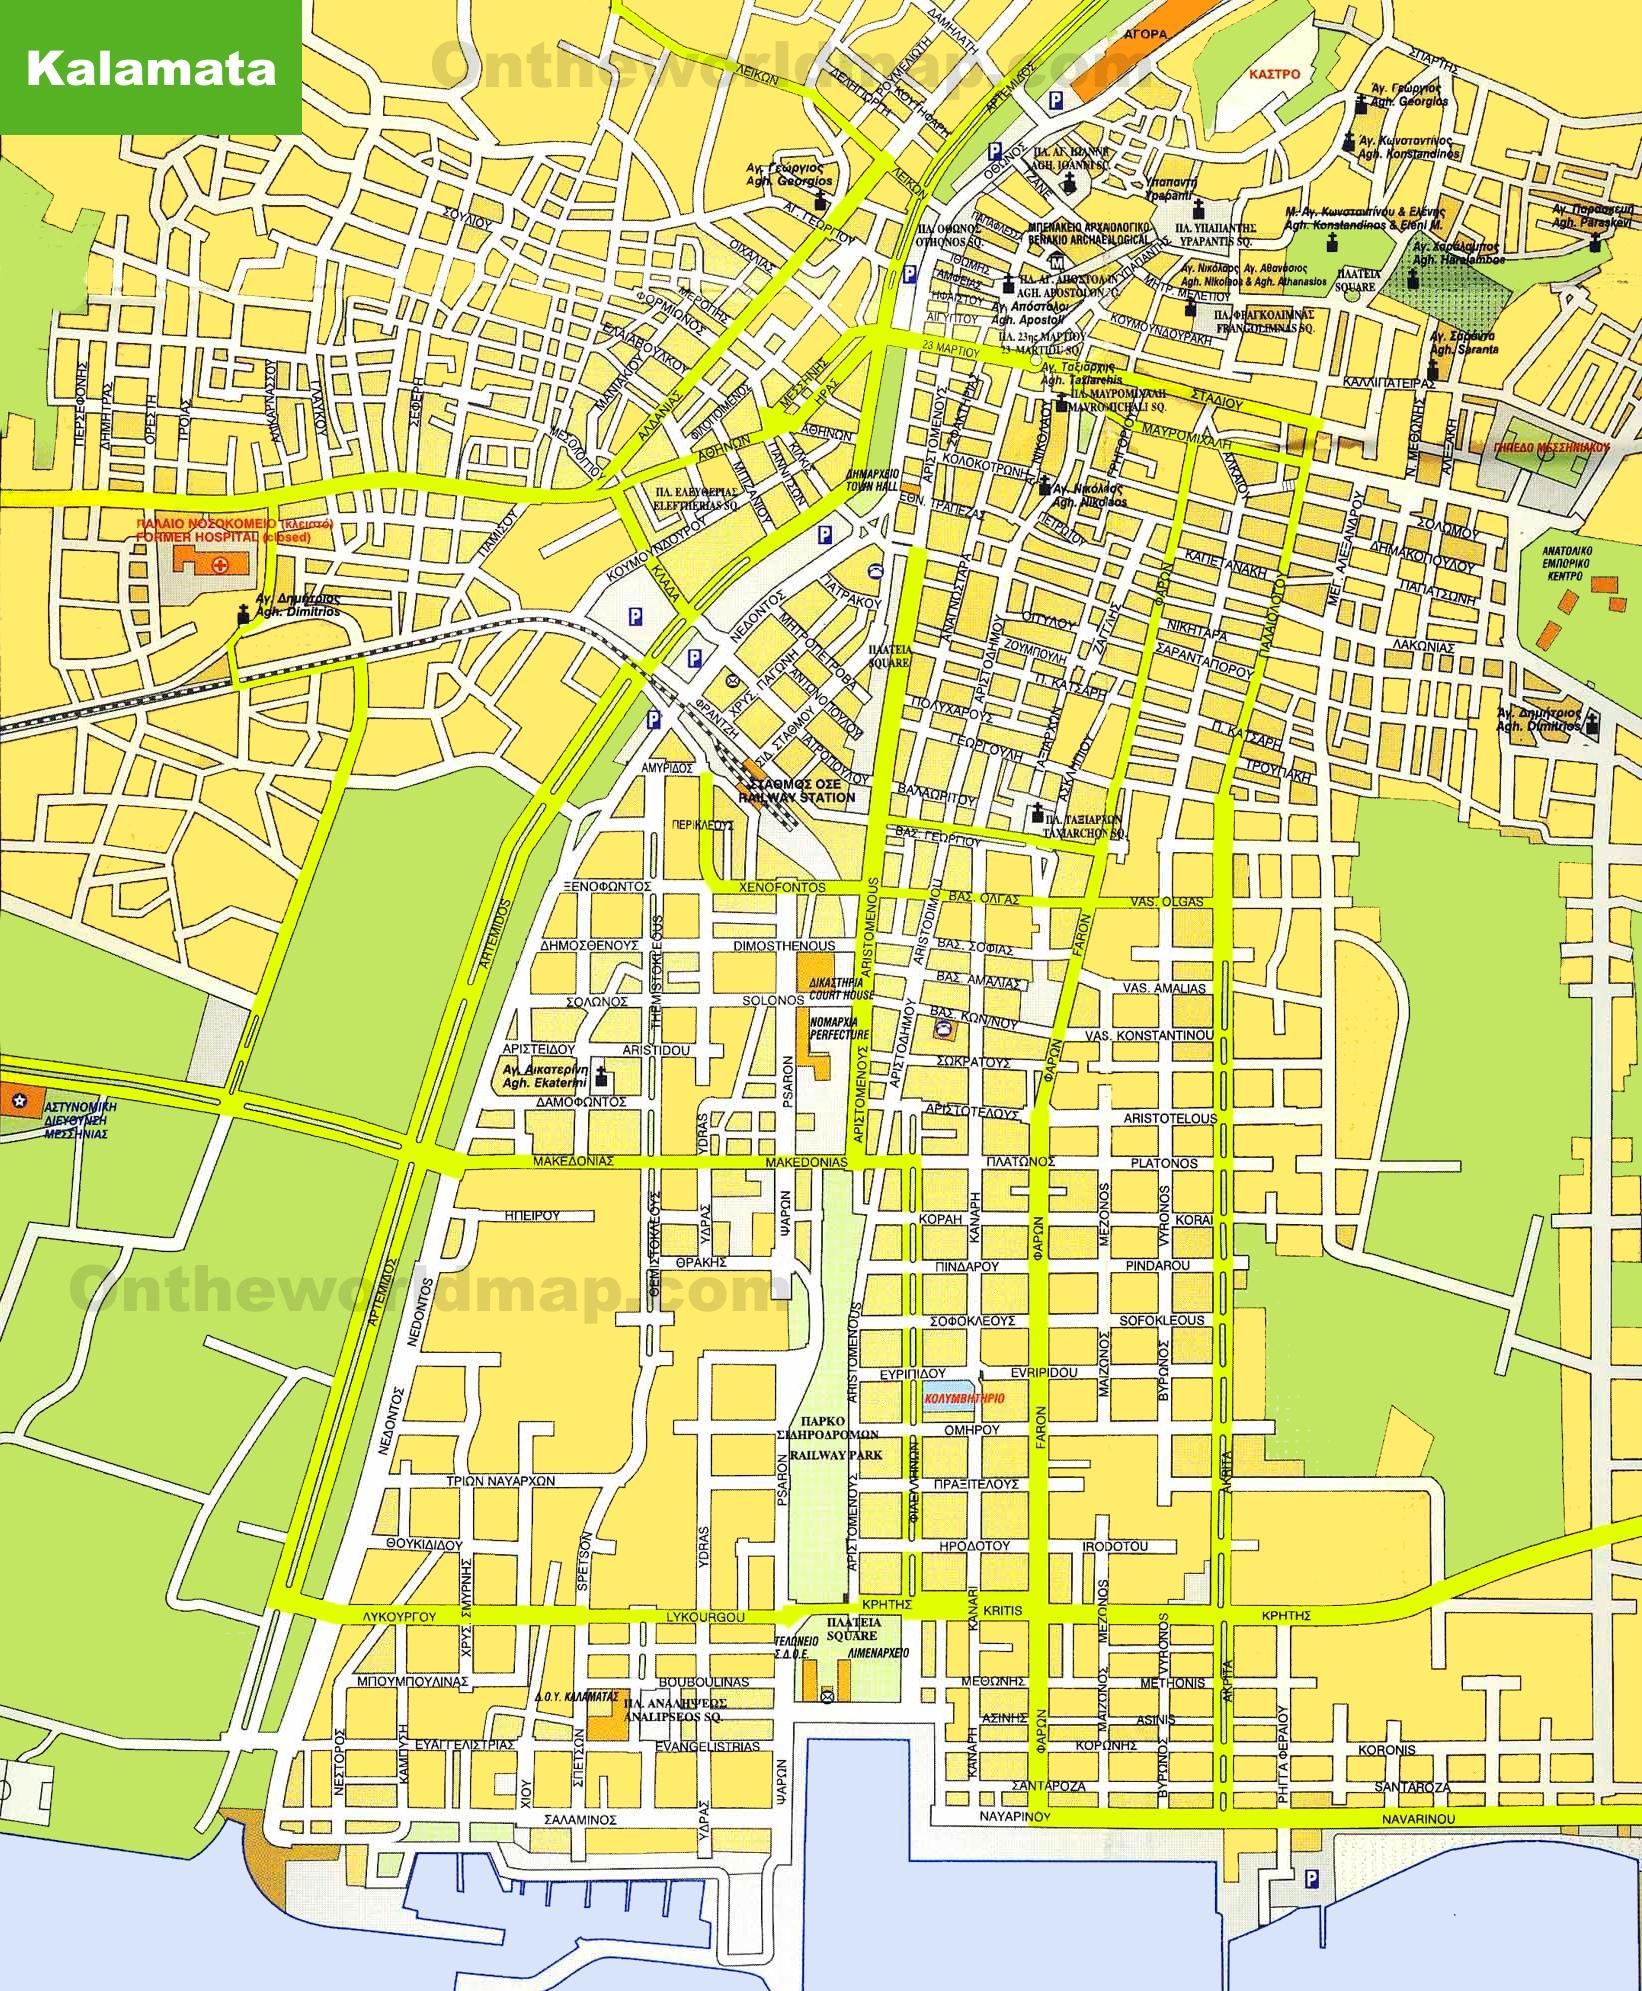 Kalamata Maps Greece Maps of Kalamata